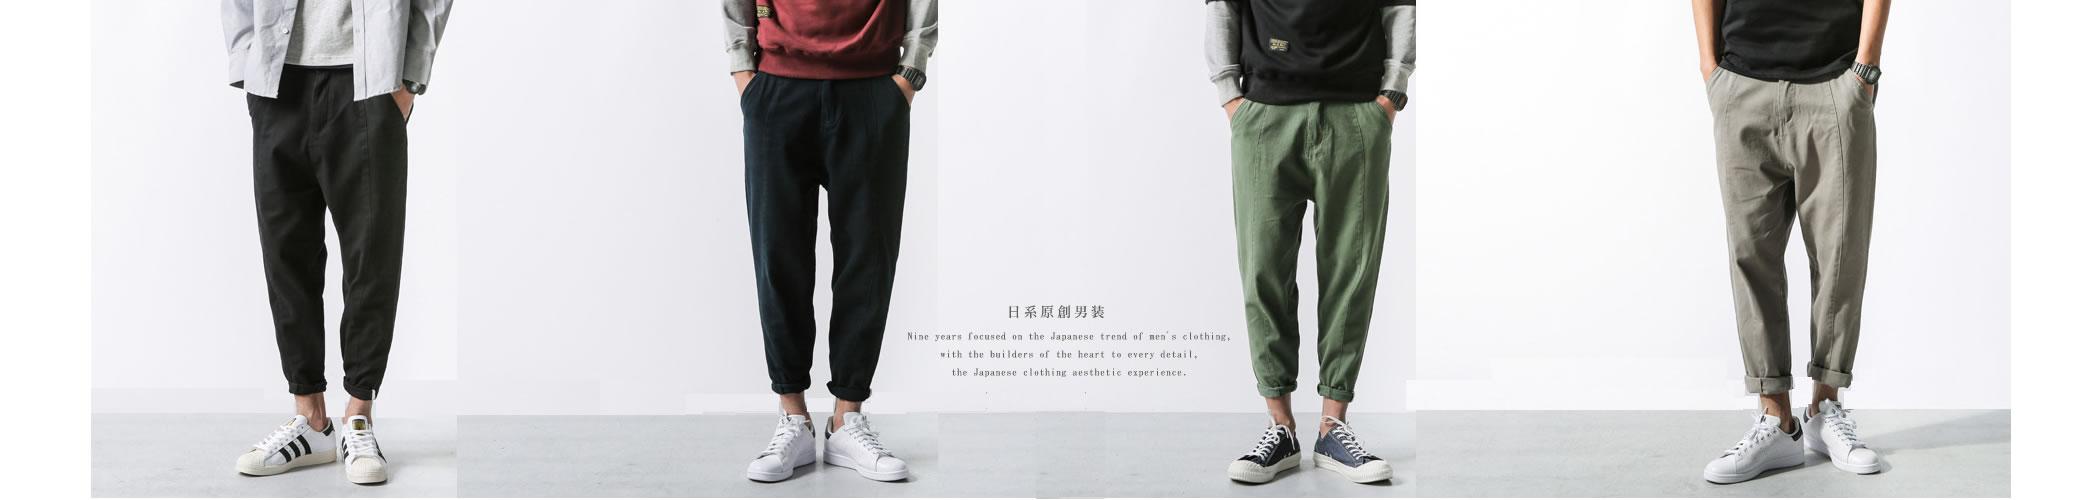 2017 新款裤子上线!